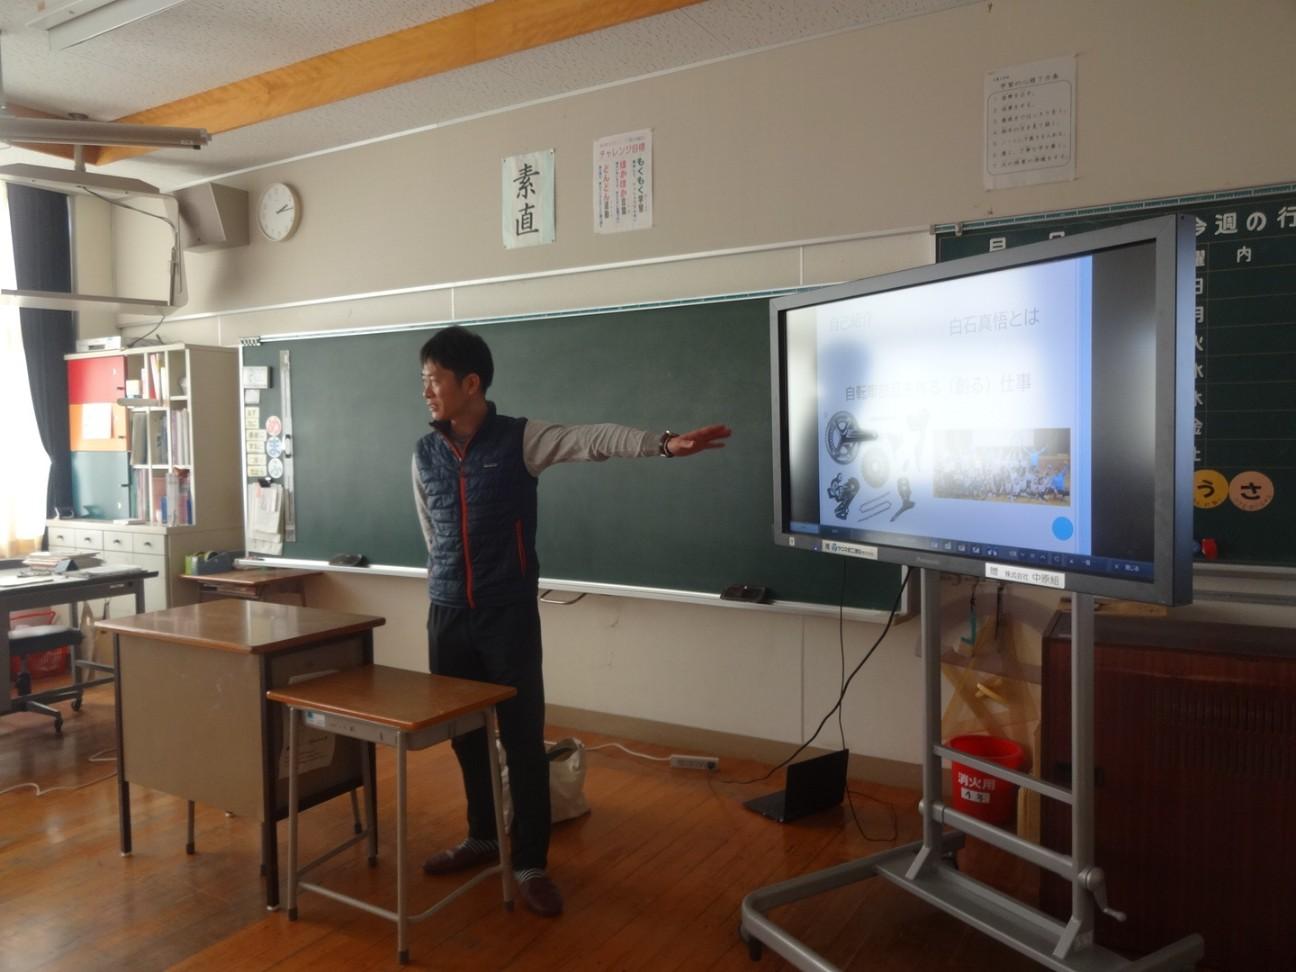 f:id:shingo_shiraishi:20200110222027j:image